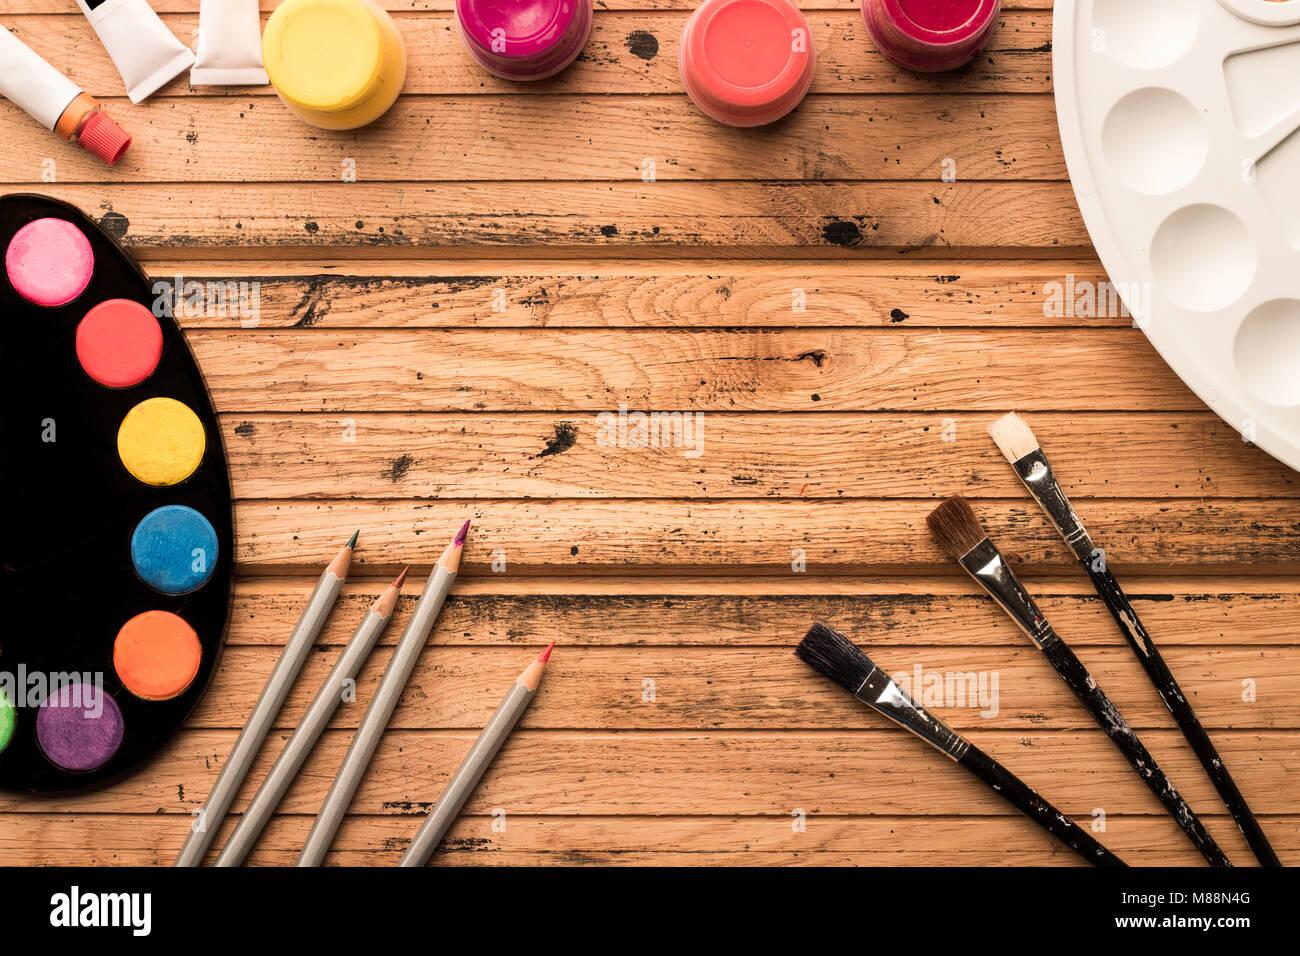 Verniciare Un Tavolo Di Legno pronti per la verniciatura. materiali artistici: acquerelli